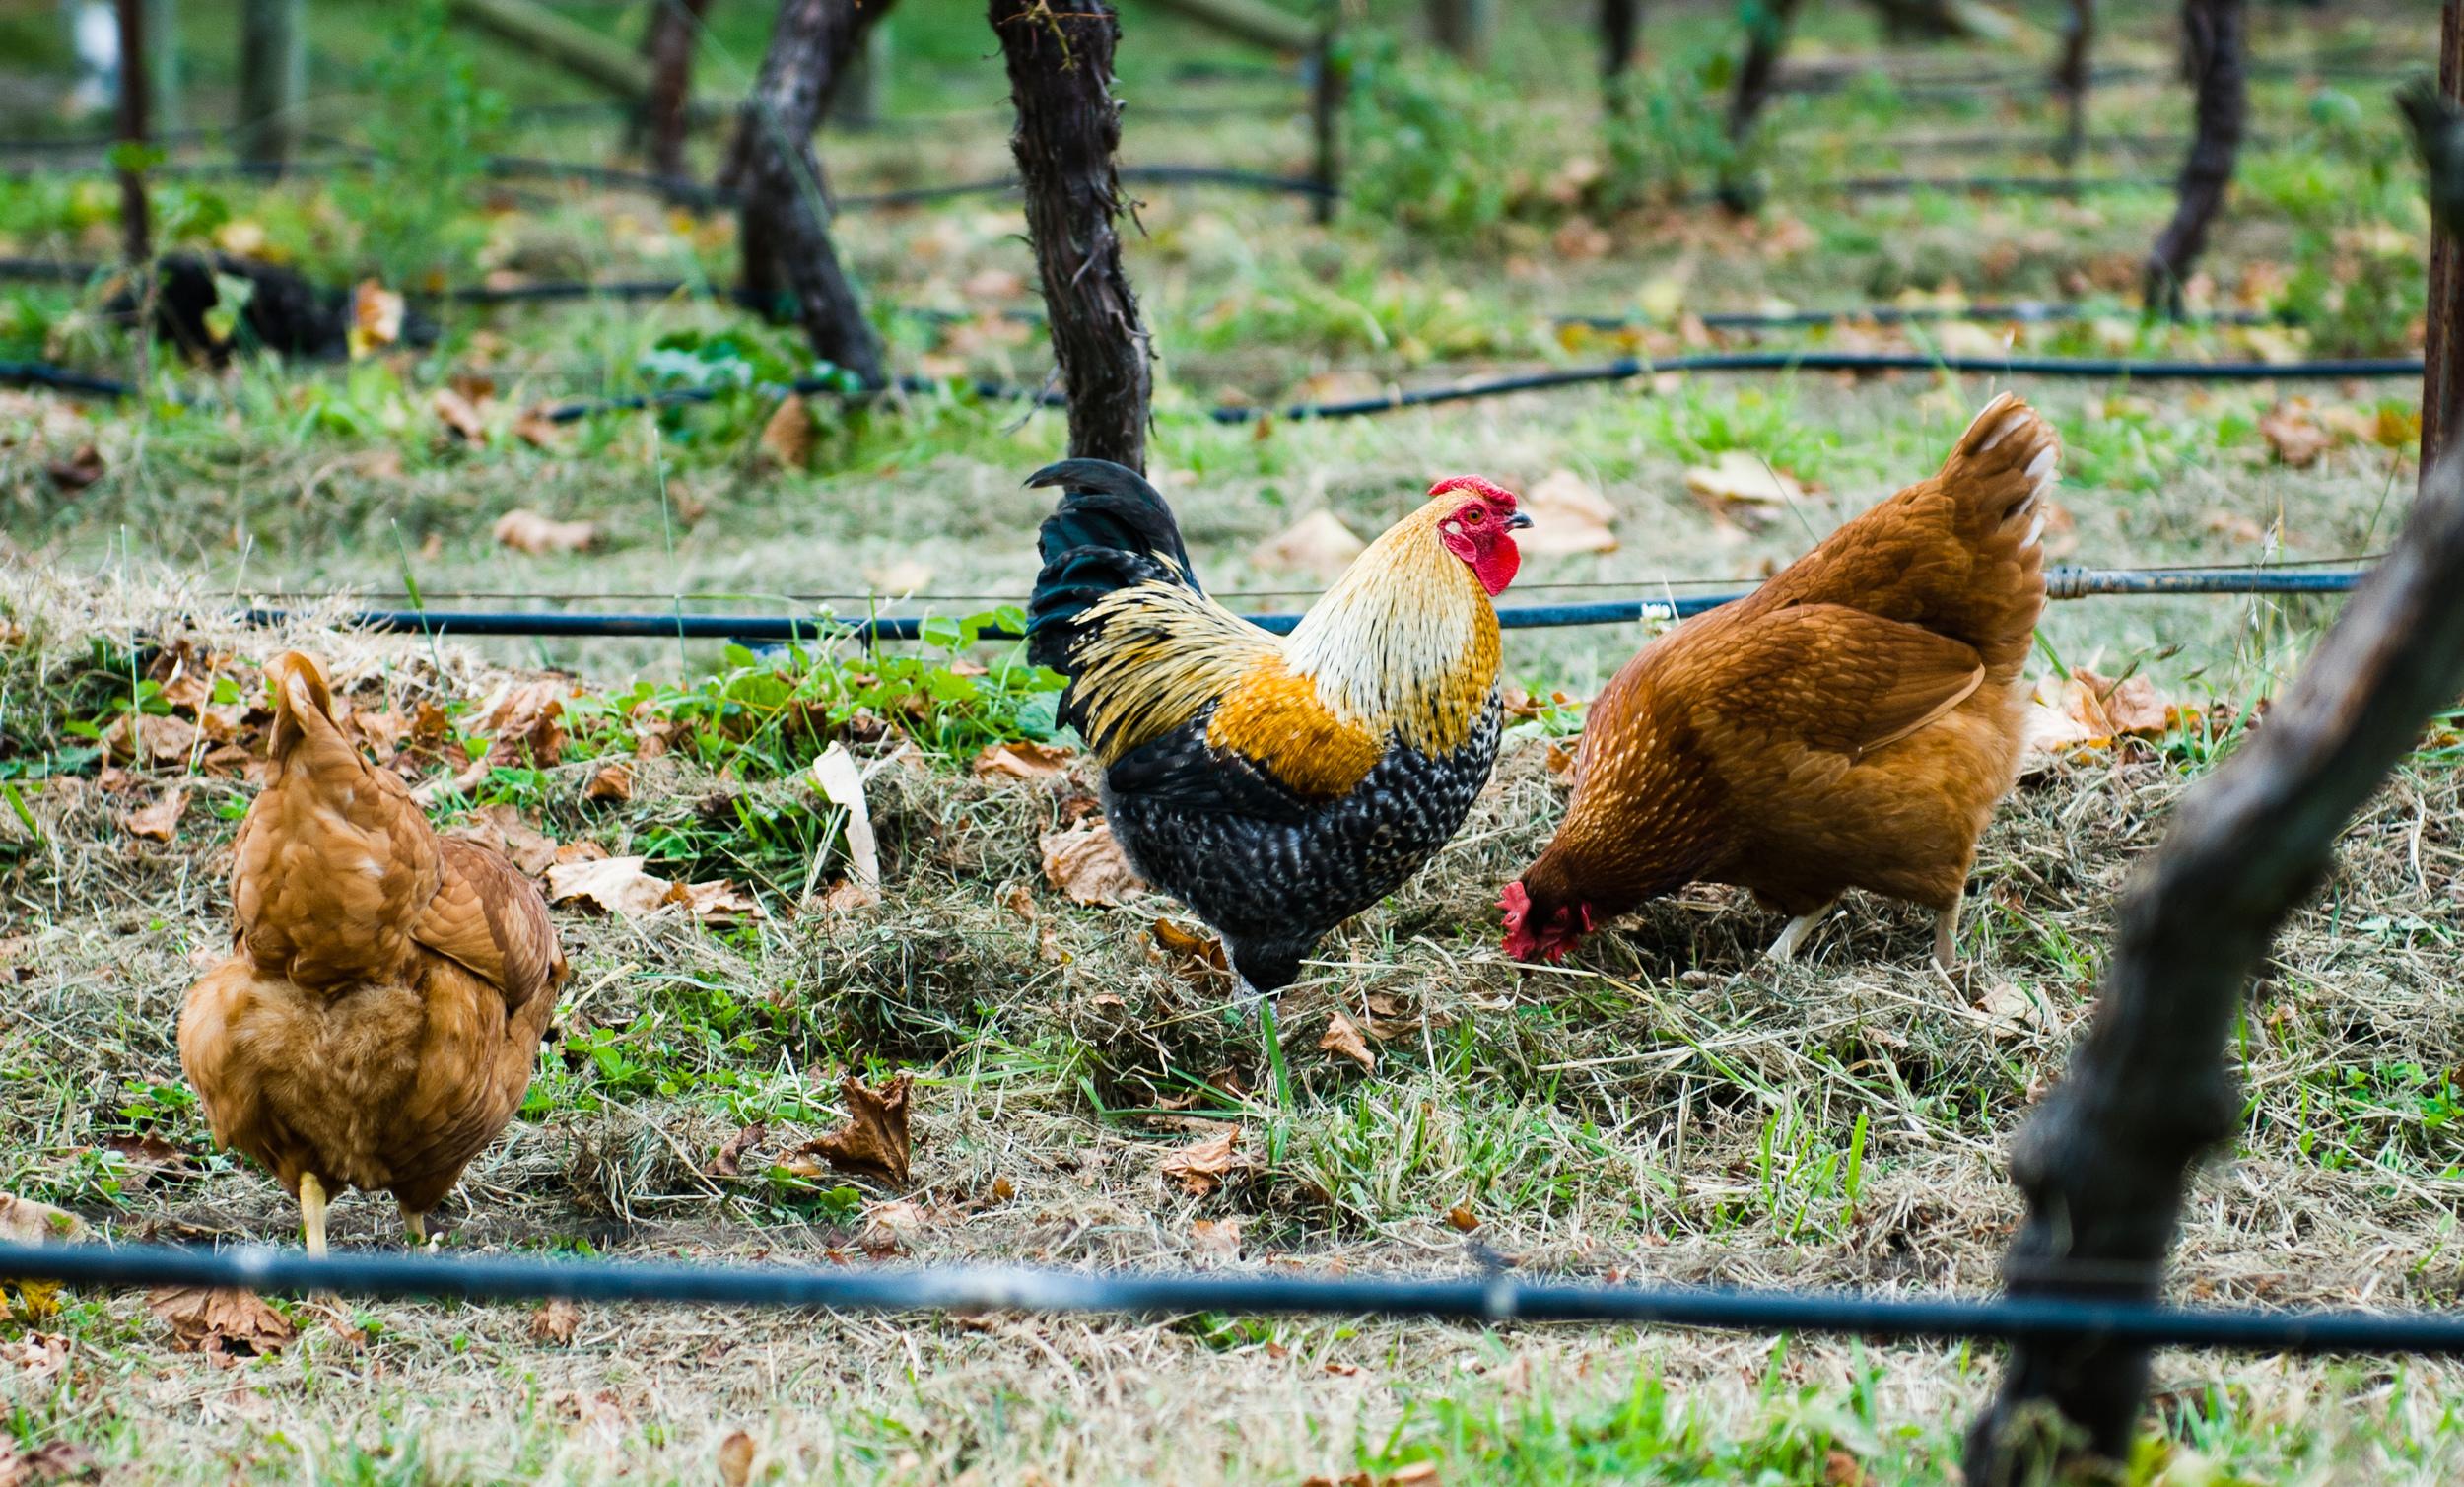 Lark-Hill-Restaurant-Images-Chickens.jpg